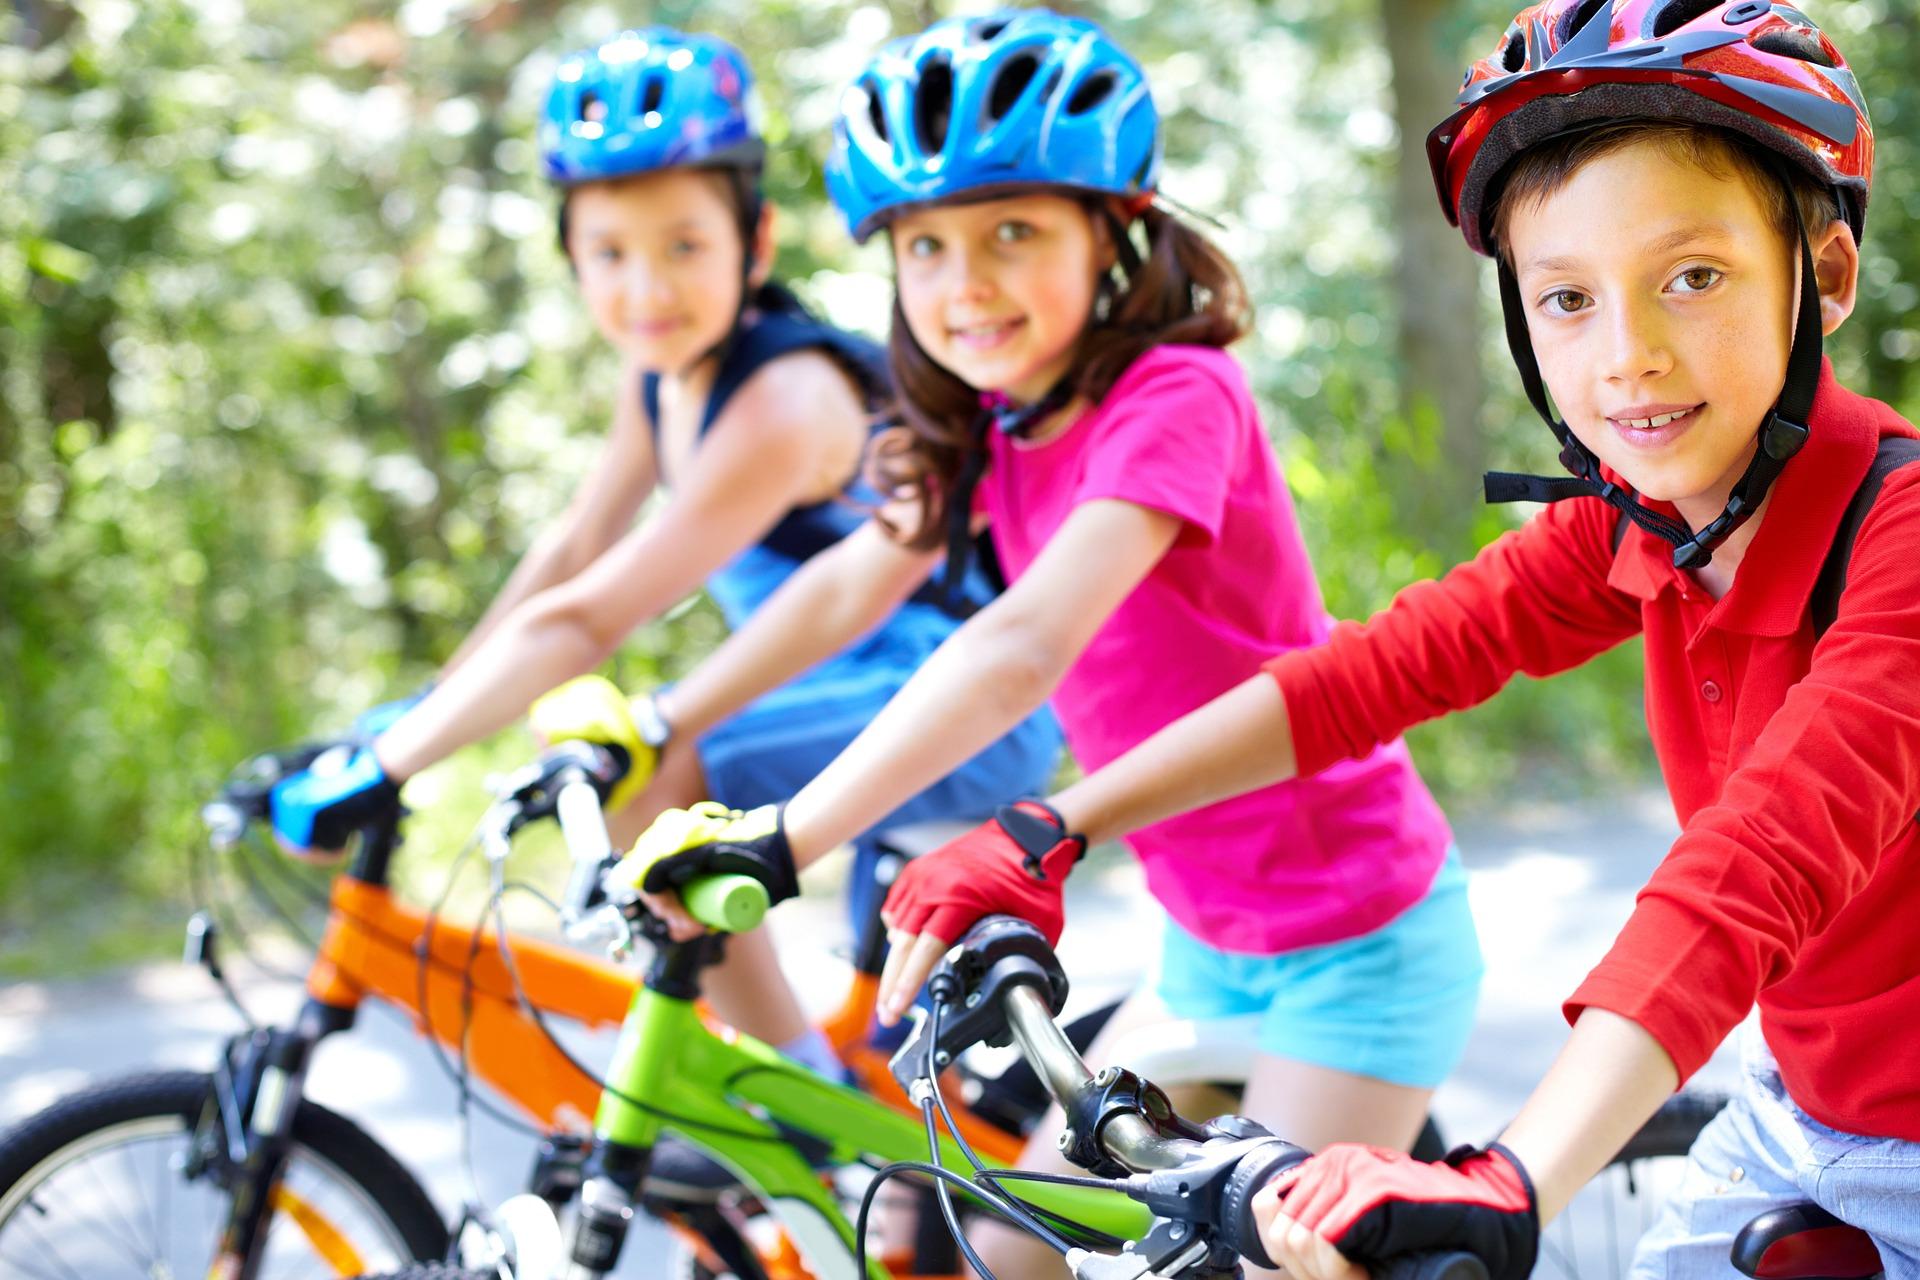 ¿Cuánta actividad física deben realizar los niños de educación infantil?